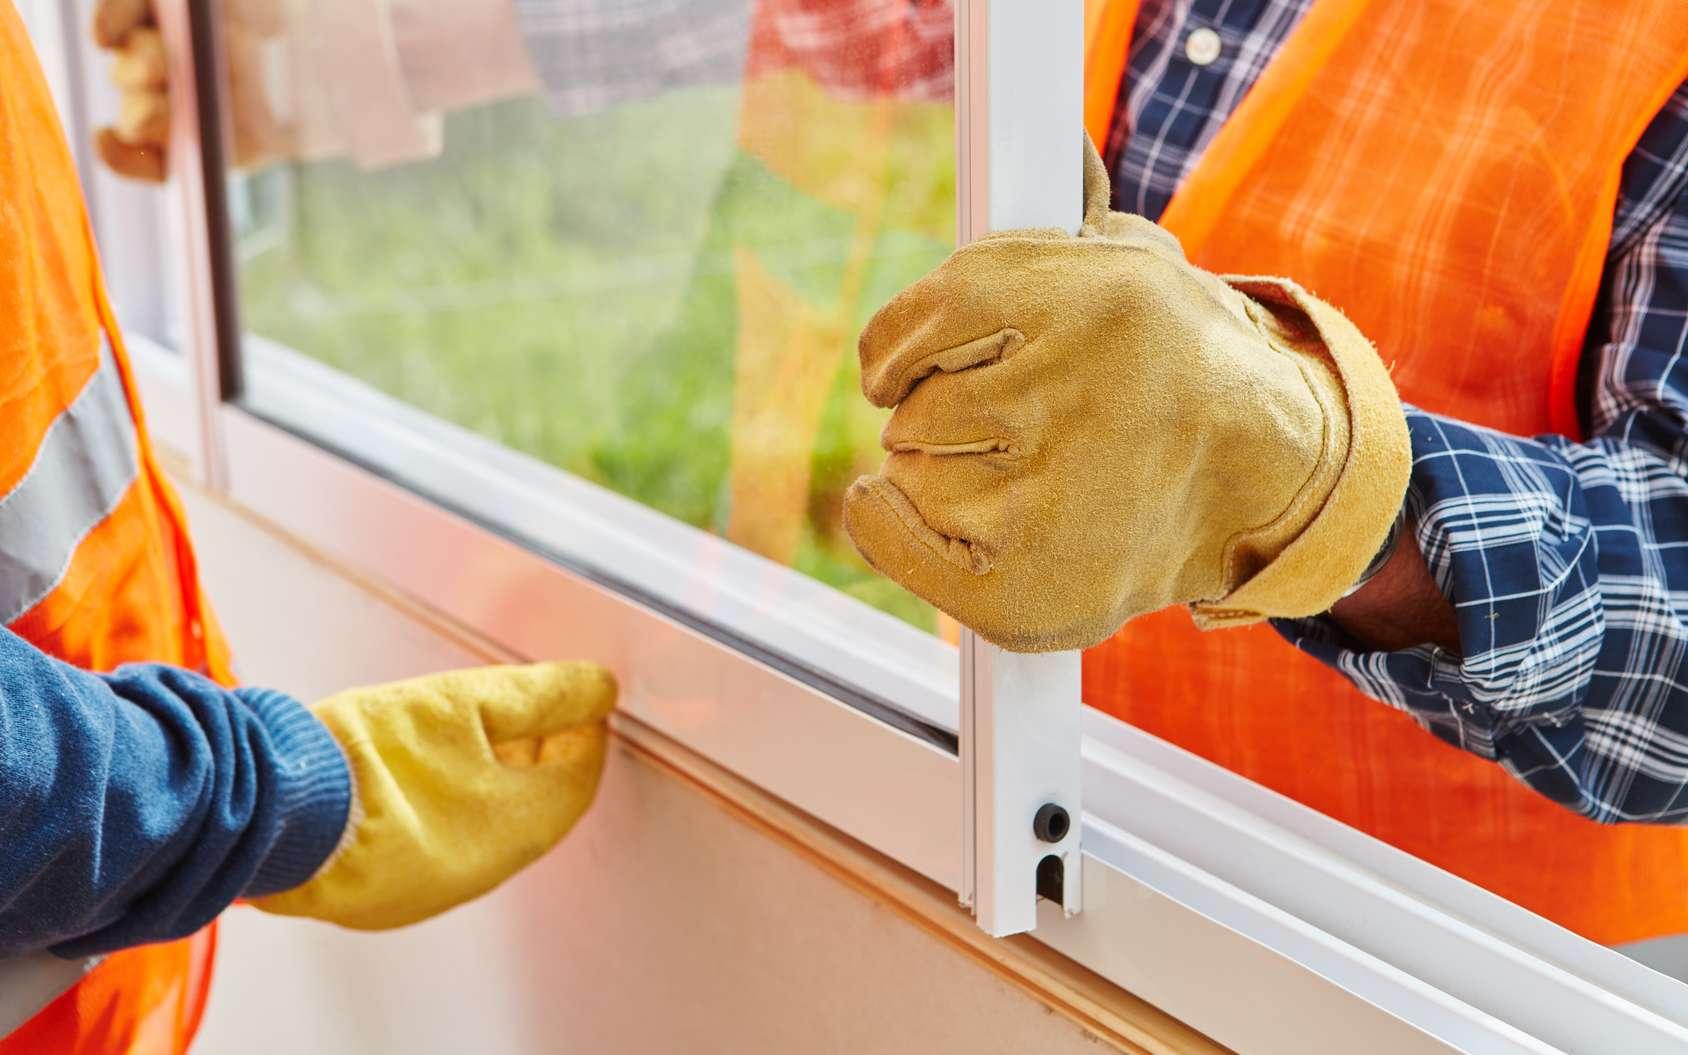 La pose d'une fenêtre en rénovation permet d'améliorer l'isolation. © Shister, Flickr, CC BY 2.0